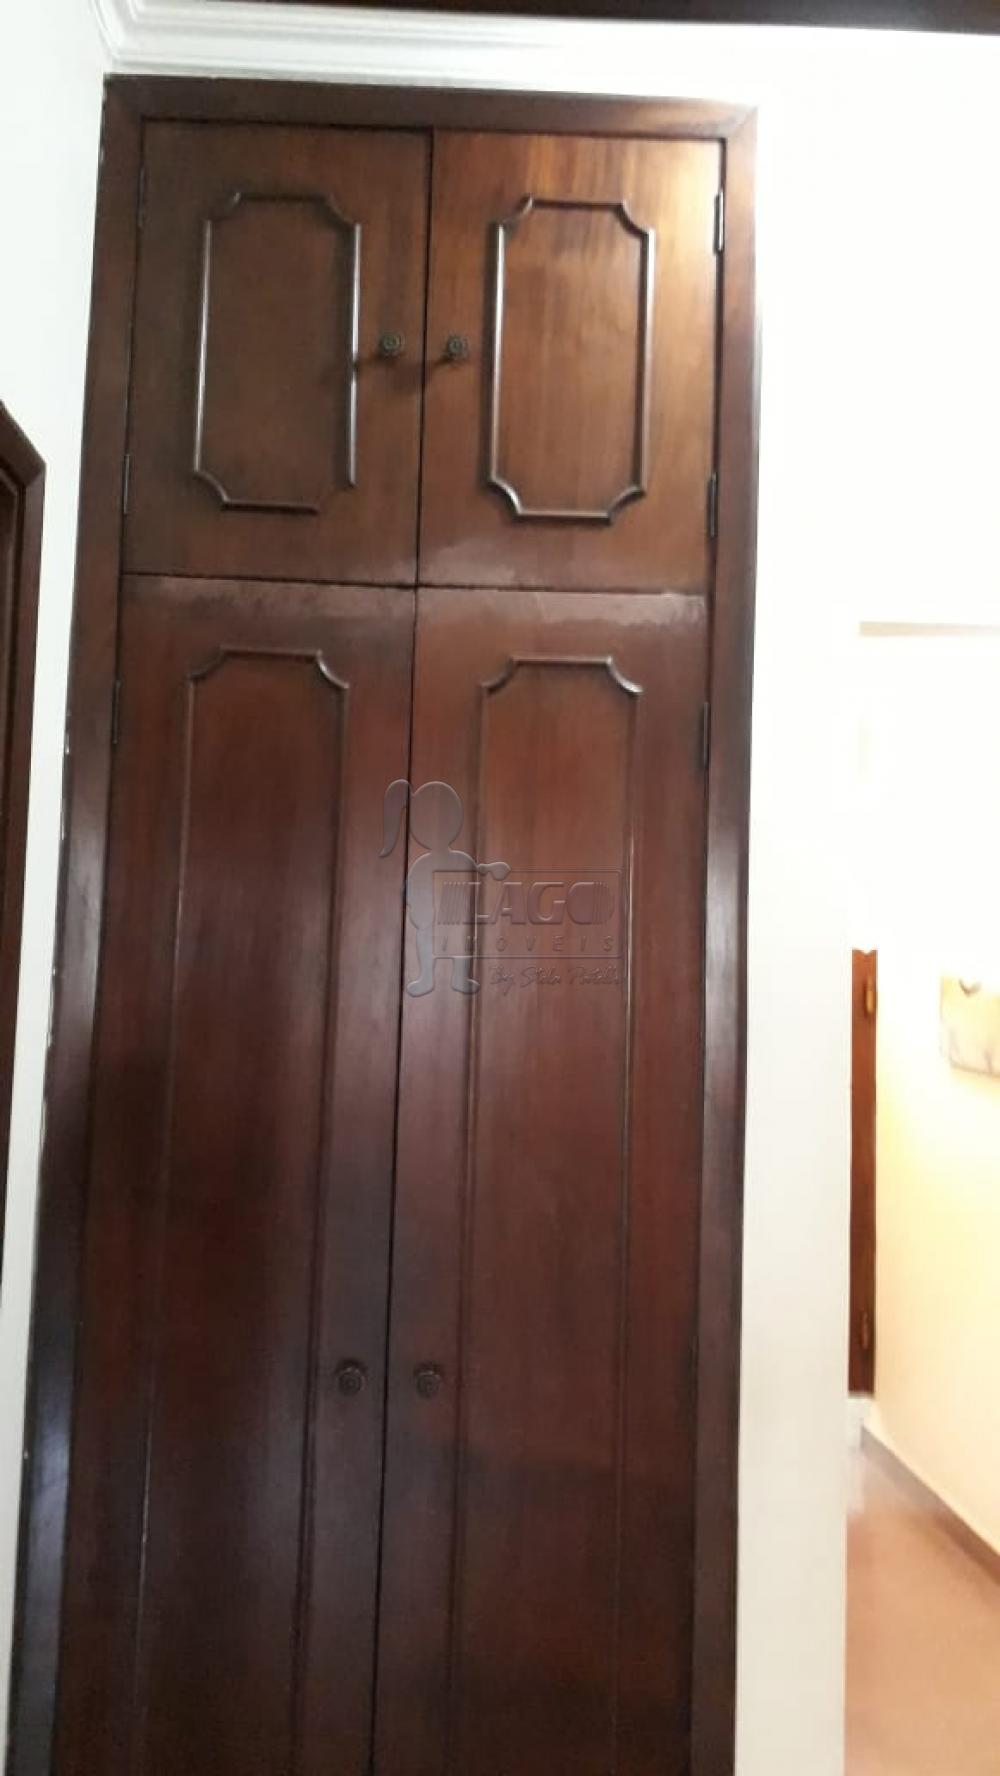 Comprar Casas / Terrea em Ribeirão Preto apenas R$ 550.000,00 - Foto 9